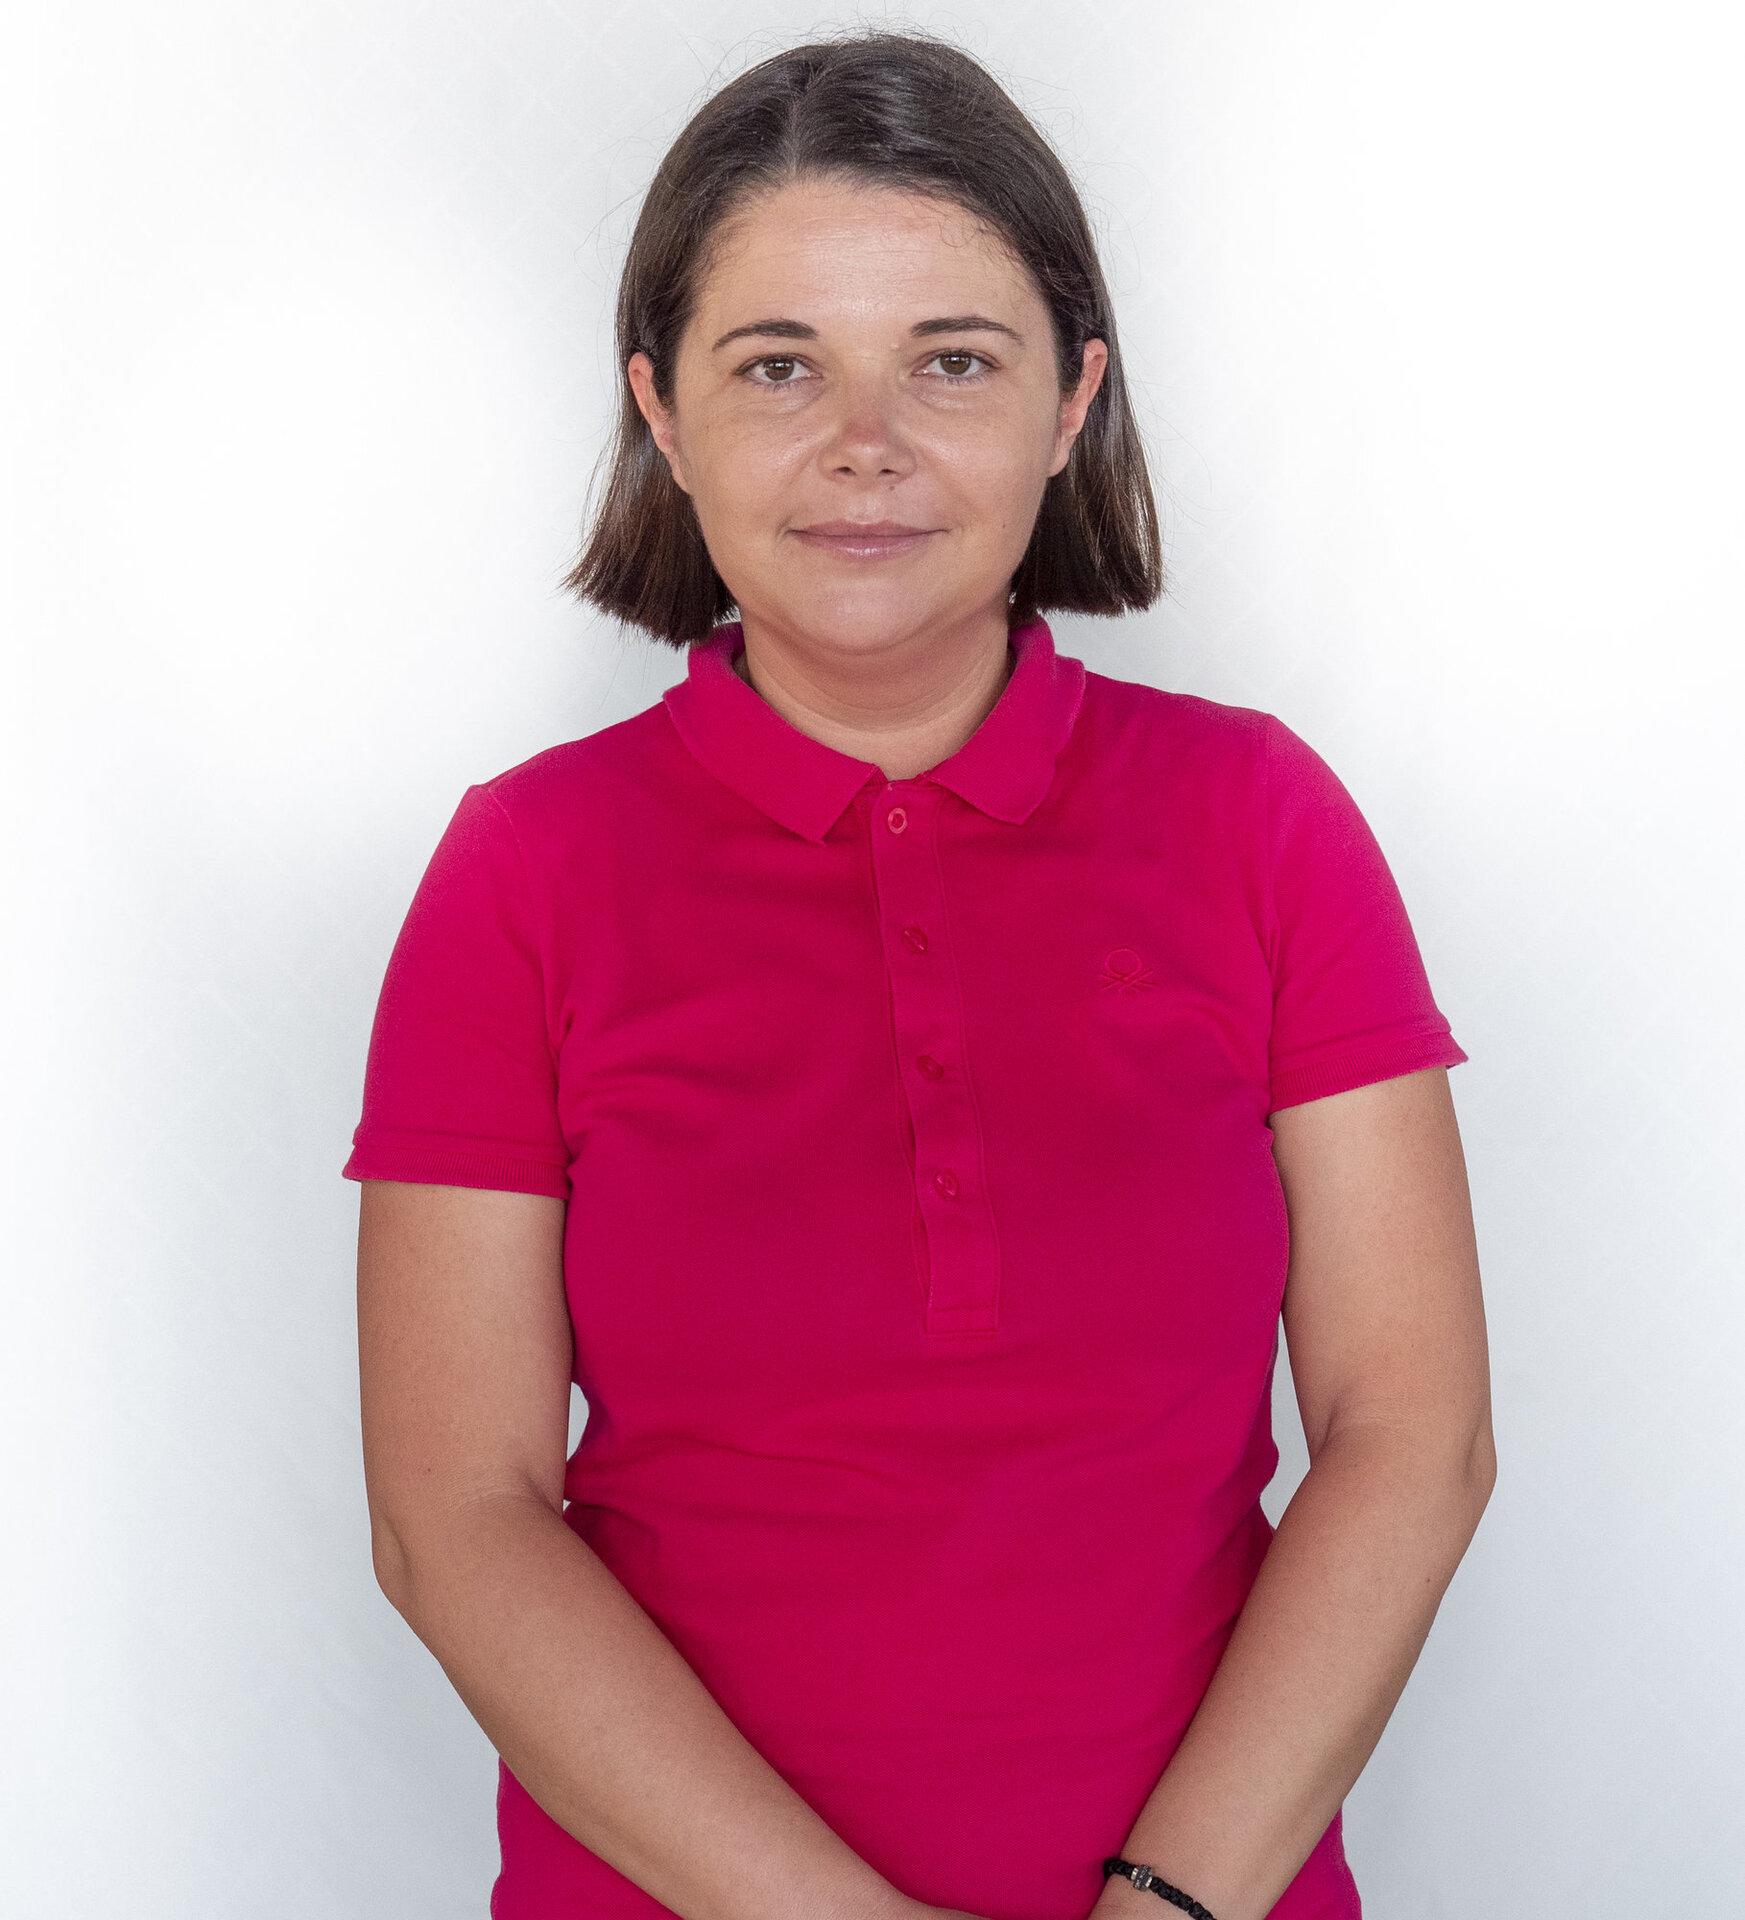 Sonja Stankovska